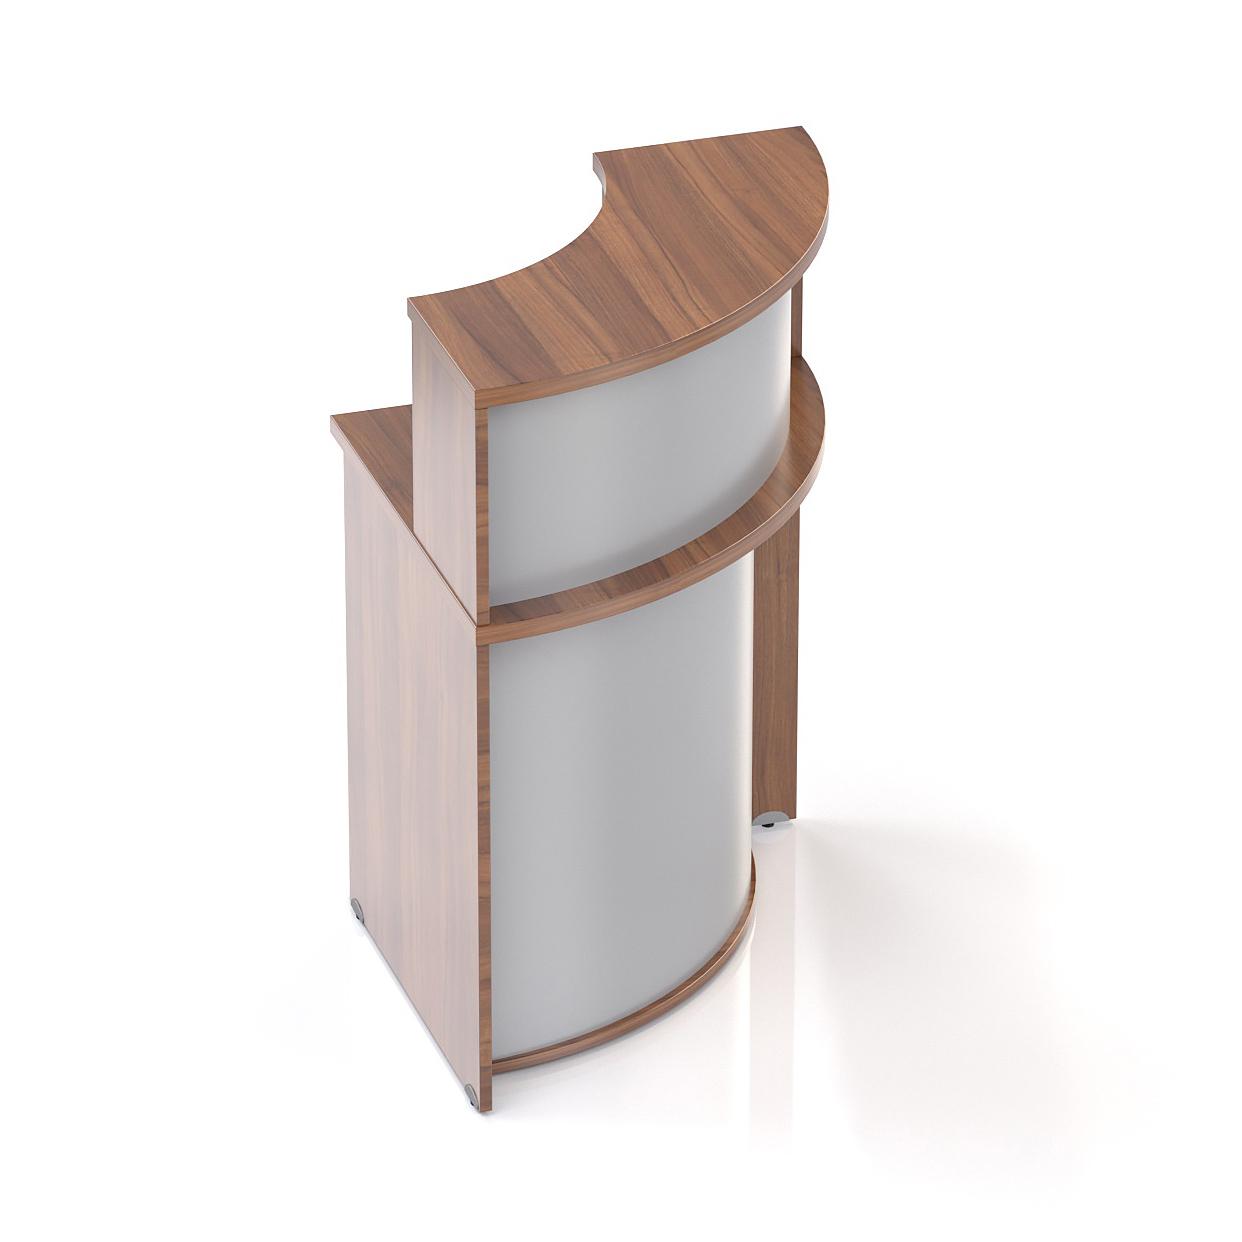 Recepční rohový pult s nástavbou Komfort, 70x70x111 cm - NLKA90 19